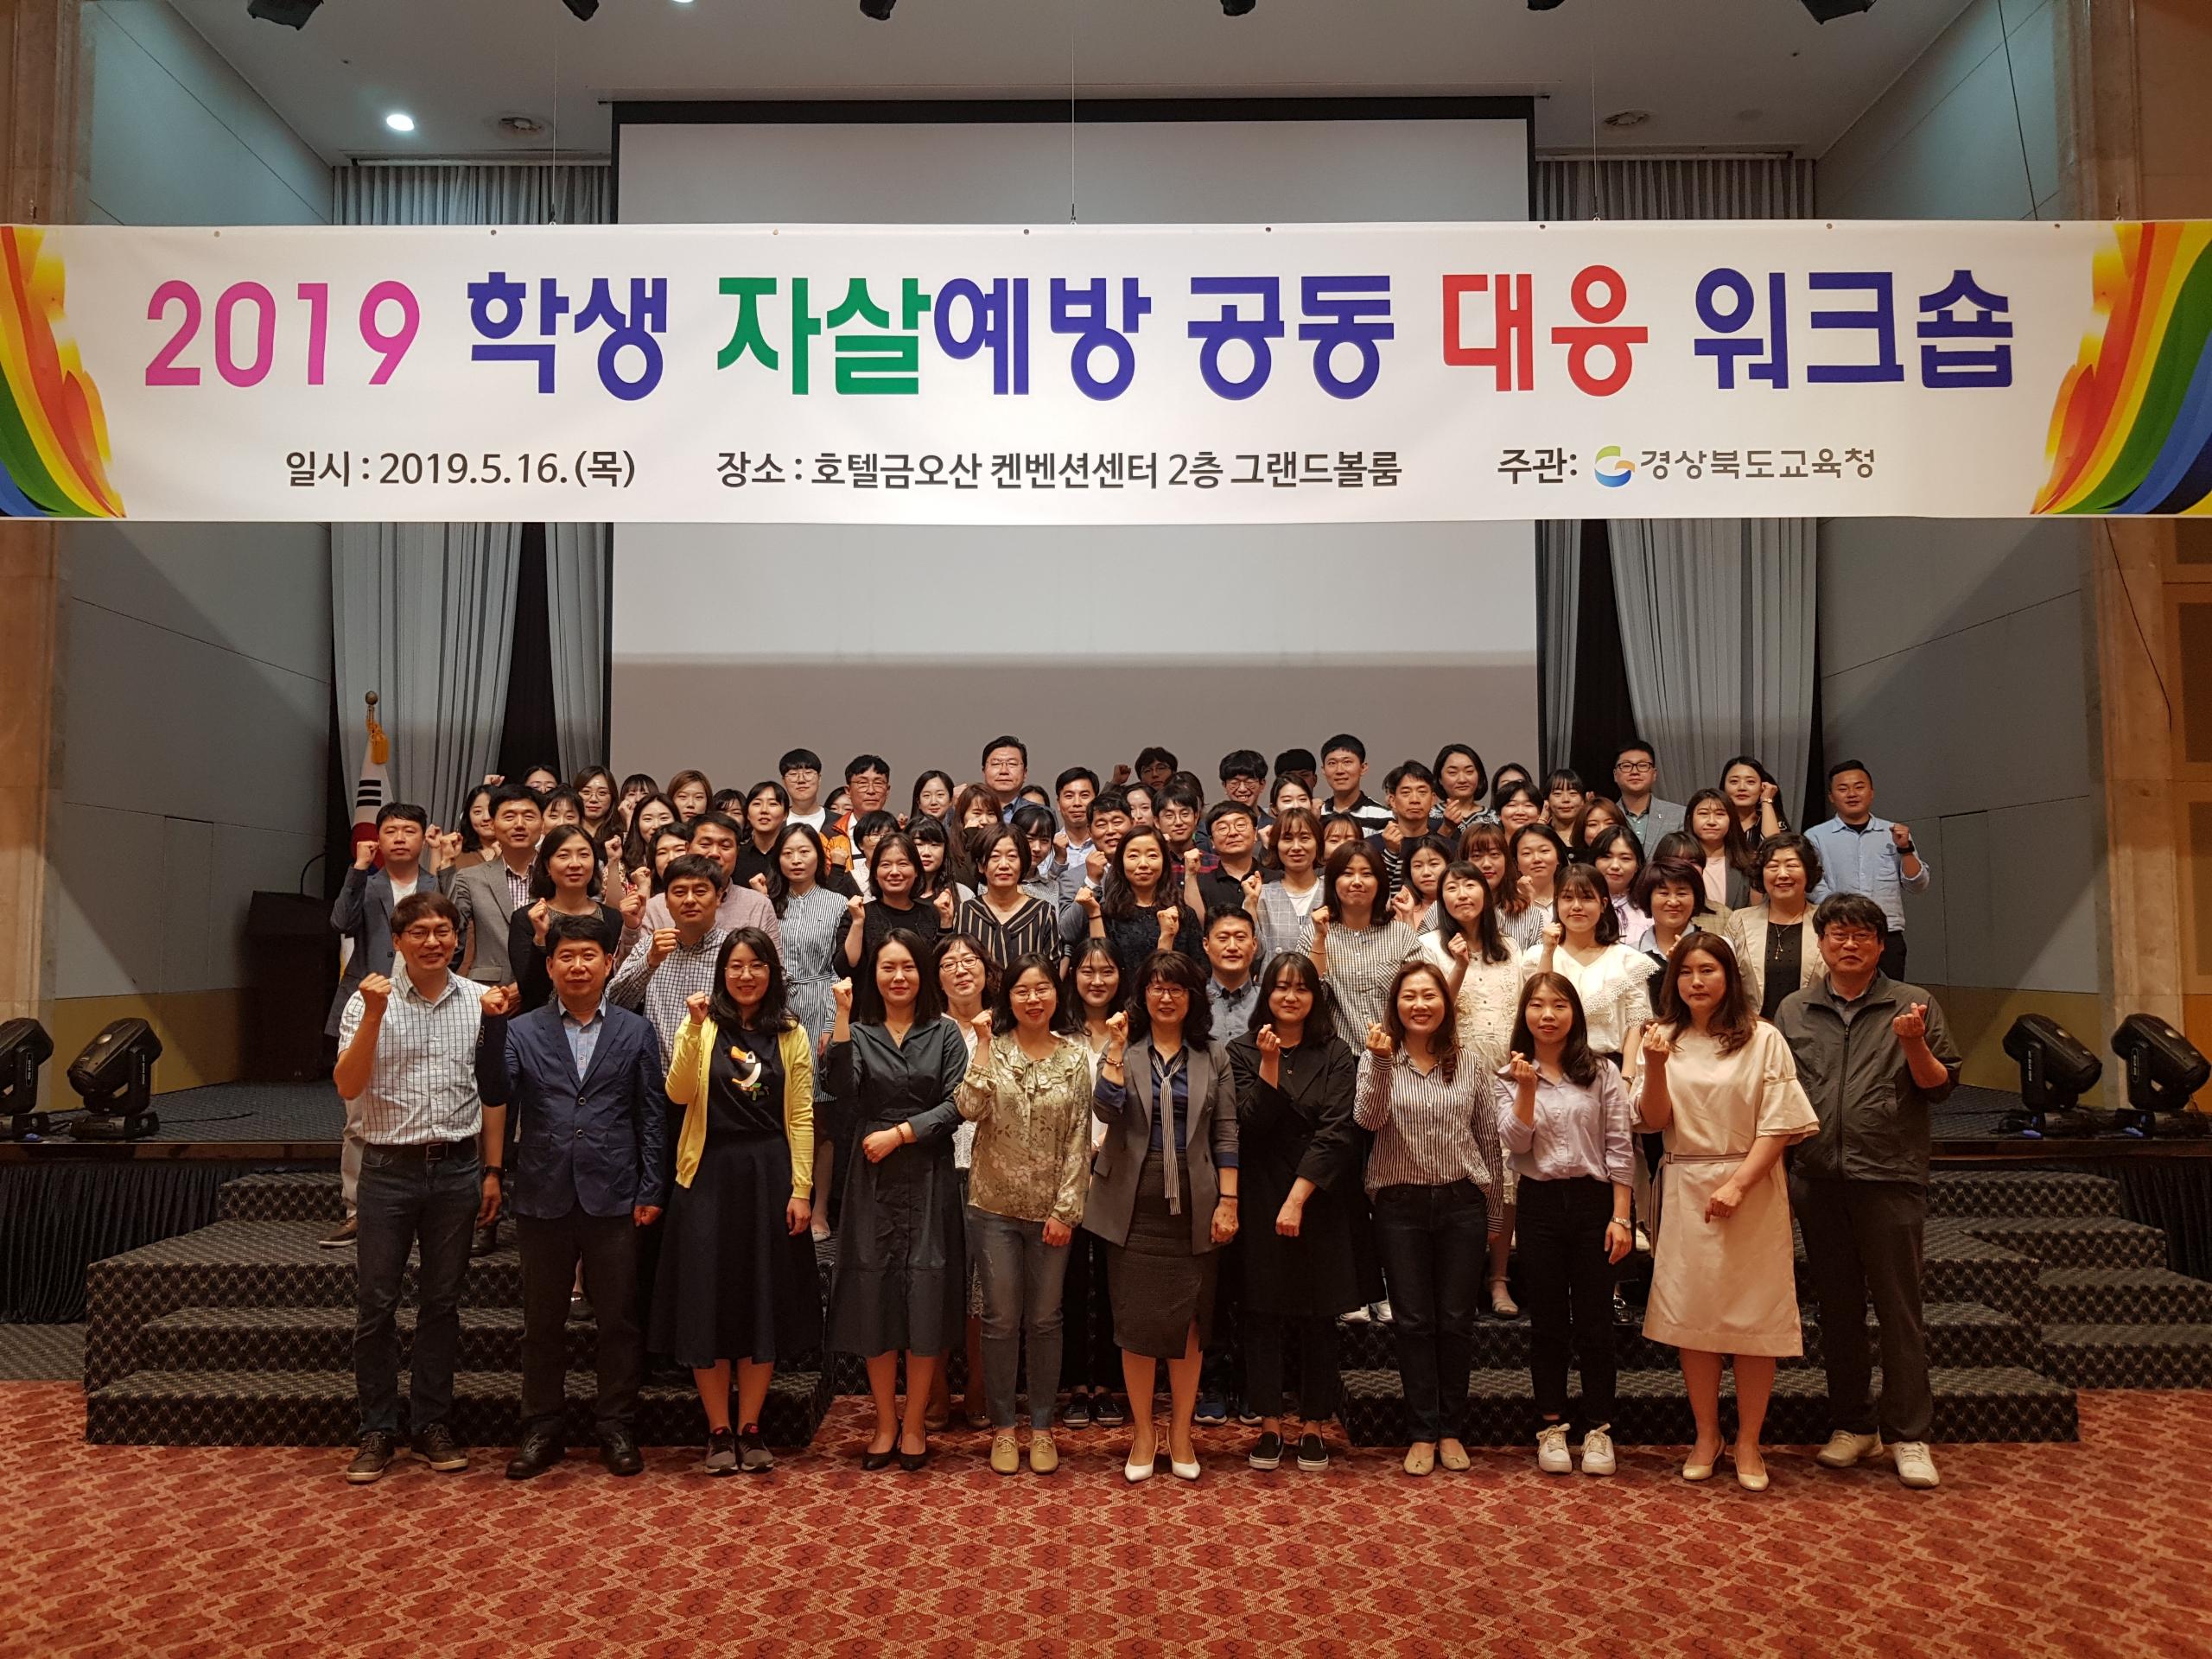 경북교육청 학교전담경찰관과 학생 자살예방 공동 대응 박차